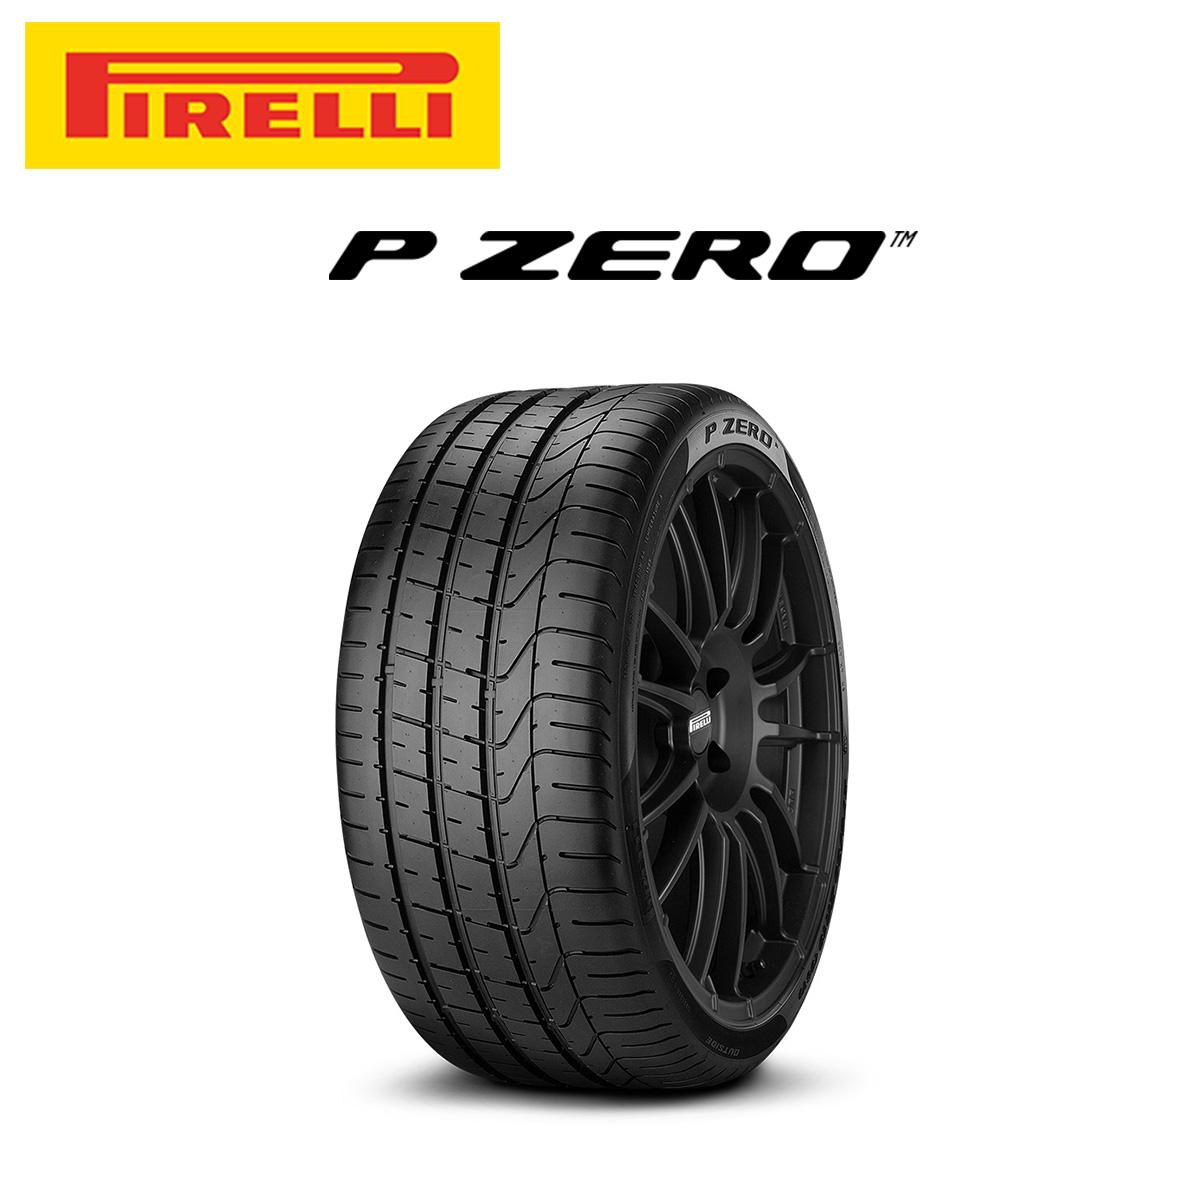 ピレリ PIRELLI P ZERO ピーゼロ 21インチ サマー タイヤ 4本 セット 255/40R21 102Y XL RO1:アウディ承認タイヤ 2181400